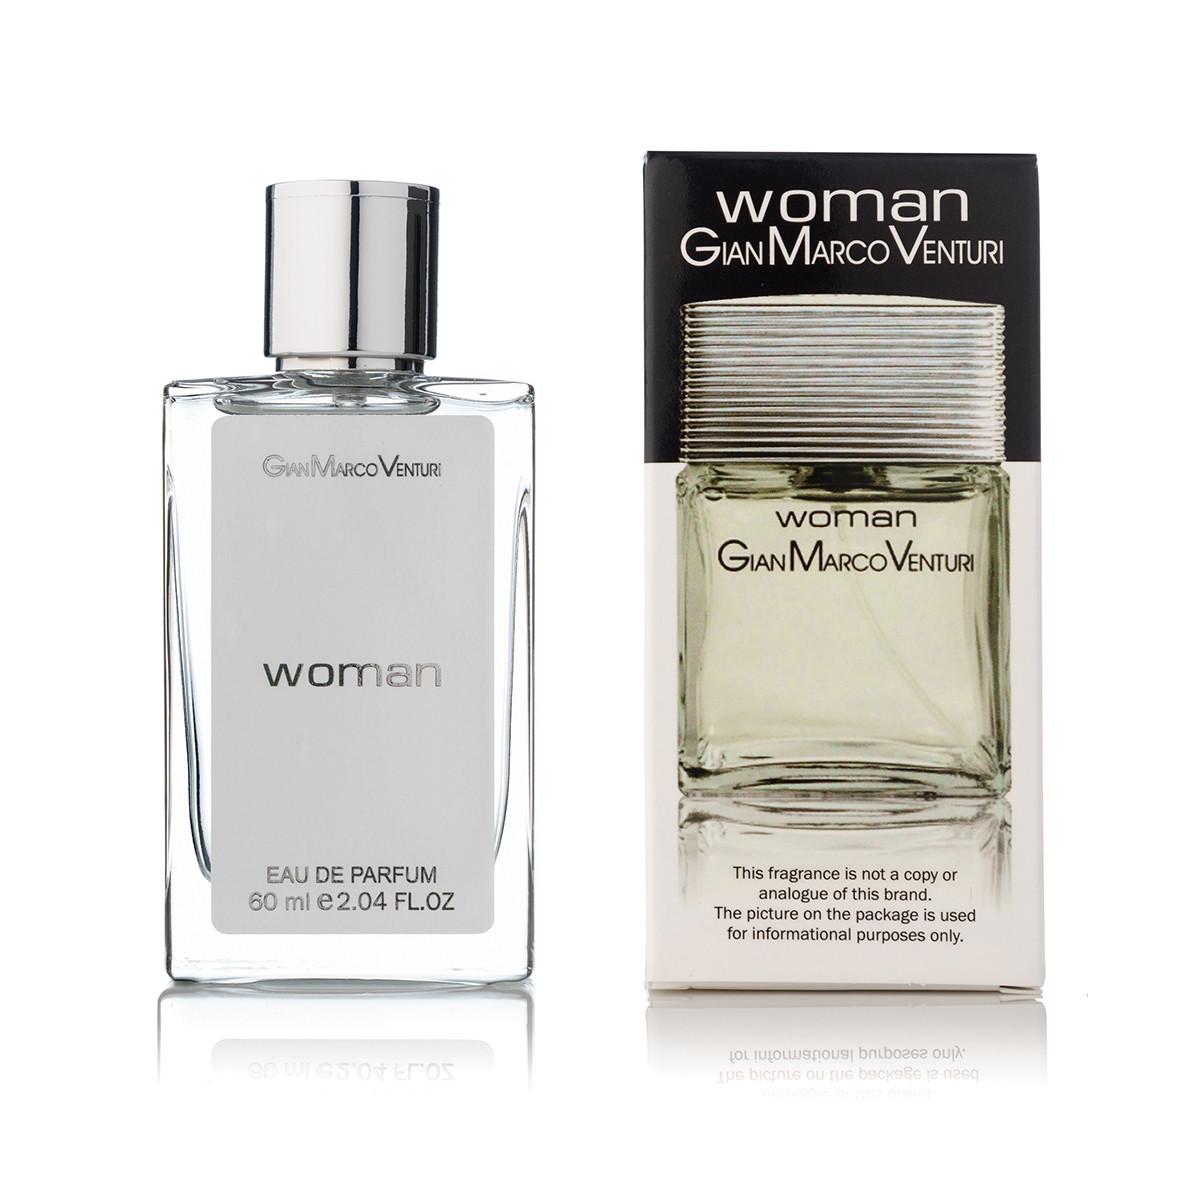 60 мл мини-парфюм  Gian Marco Venturi Woman - (Ж)